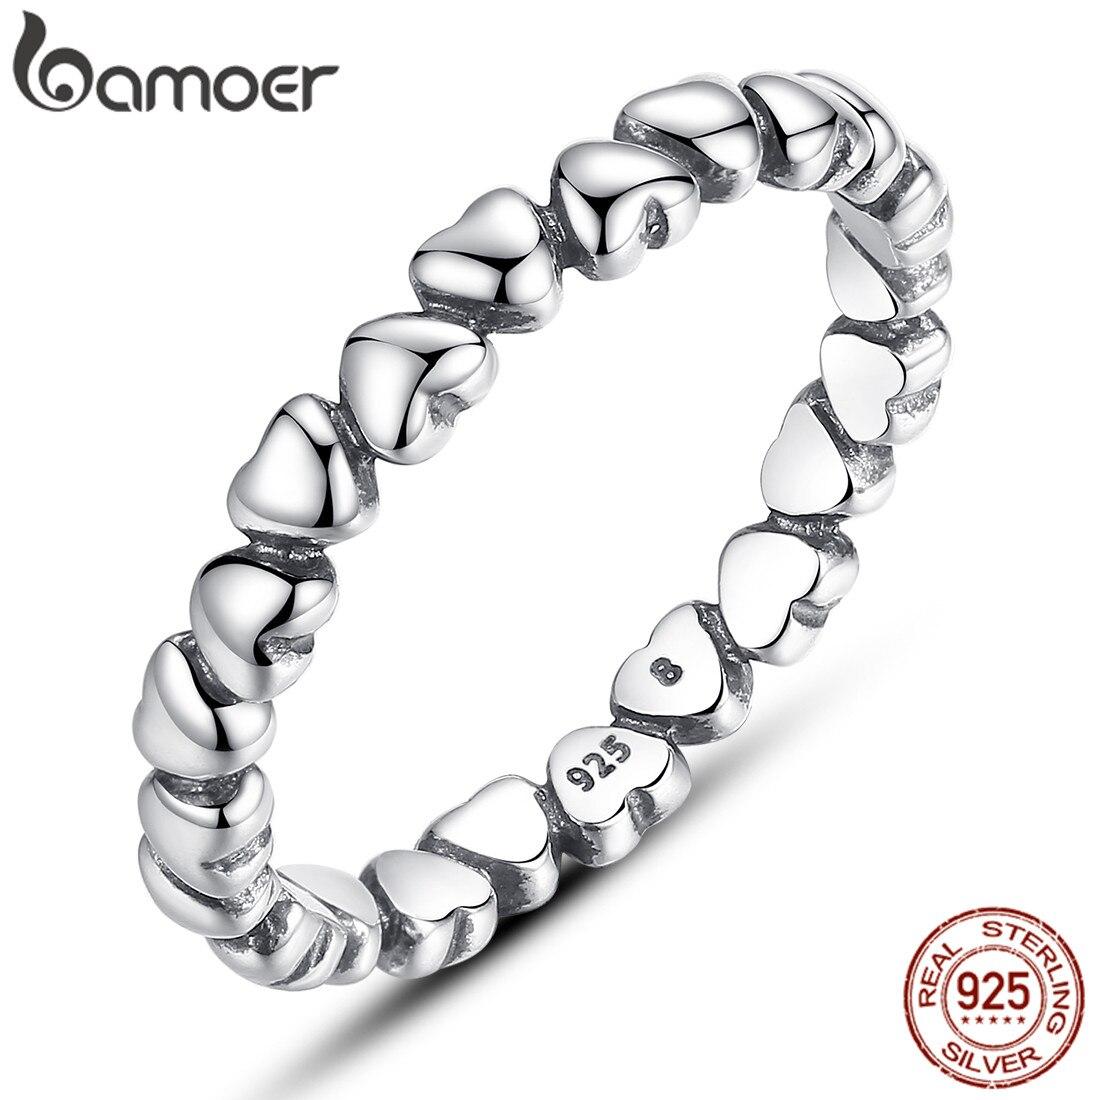 Bamoer Finger-Ring Jewelry FESTIVAL Gift Heart 925-Sterling-Silver GLOBAL Forever Love